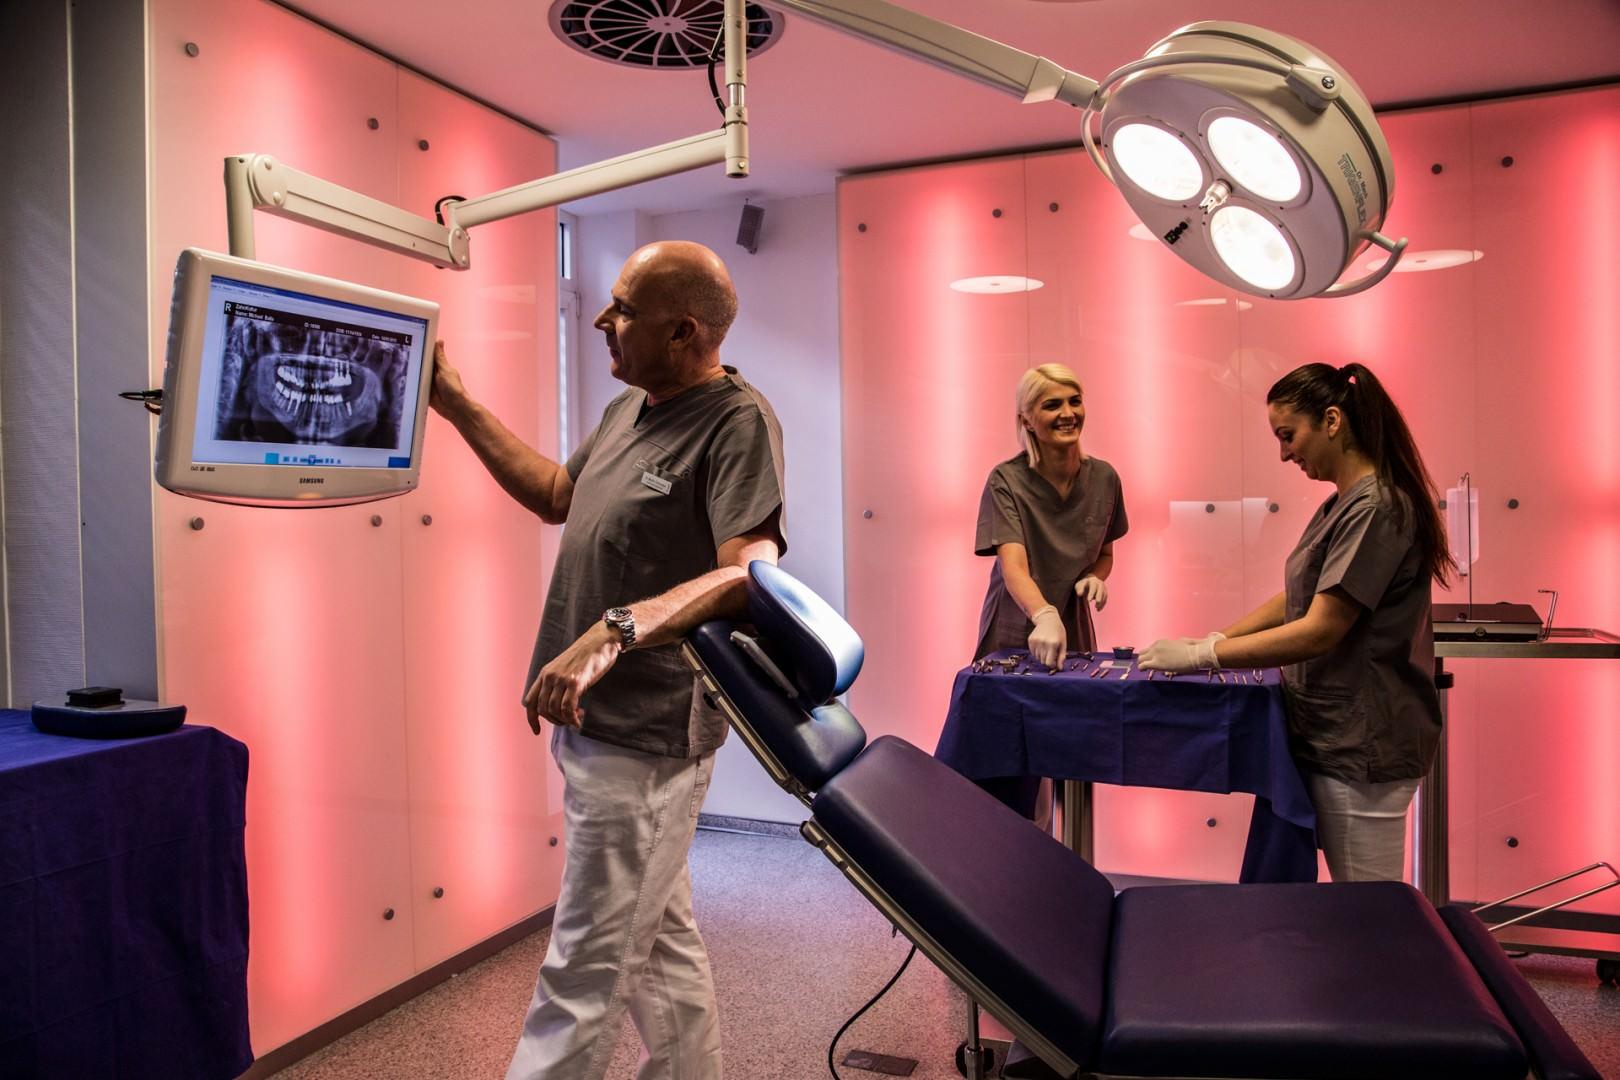 Dr. Schneider bereitet sich im OP Raum am Bildschirm auf die OP vor